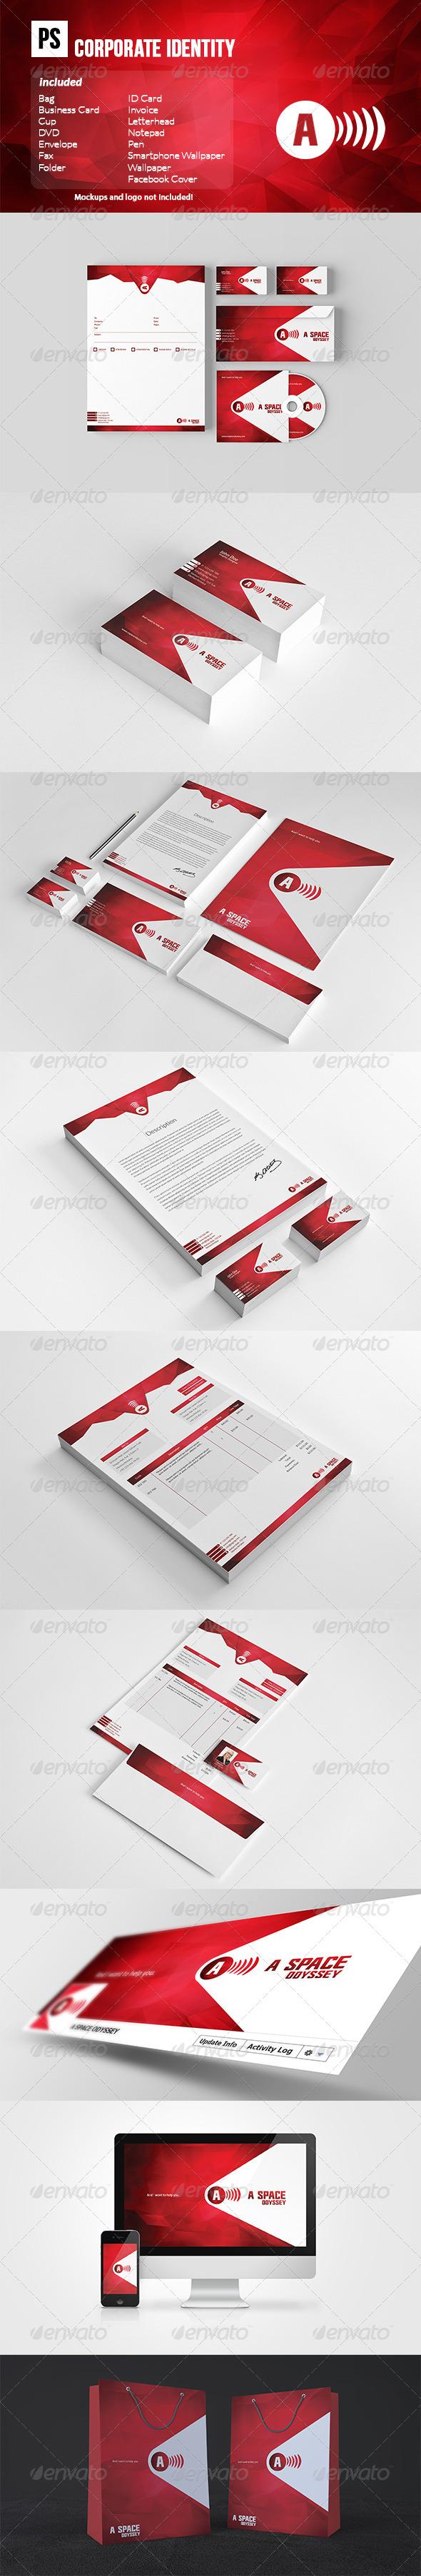 GraphicRiver Corporate Identity 7776912